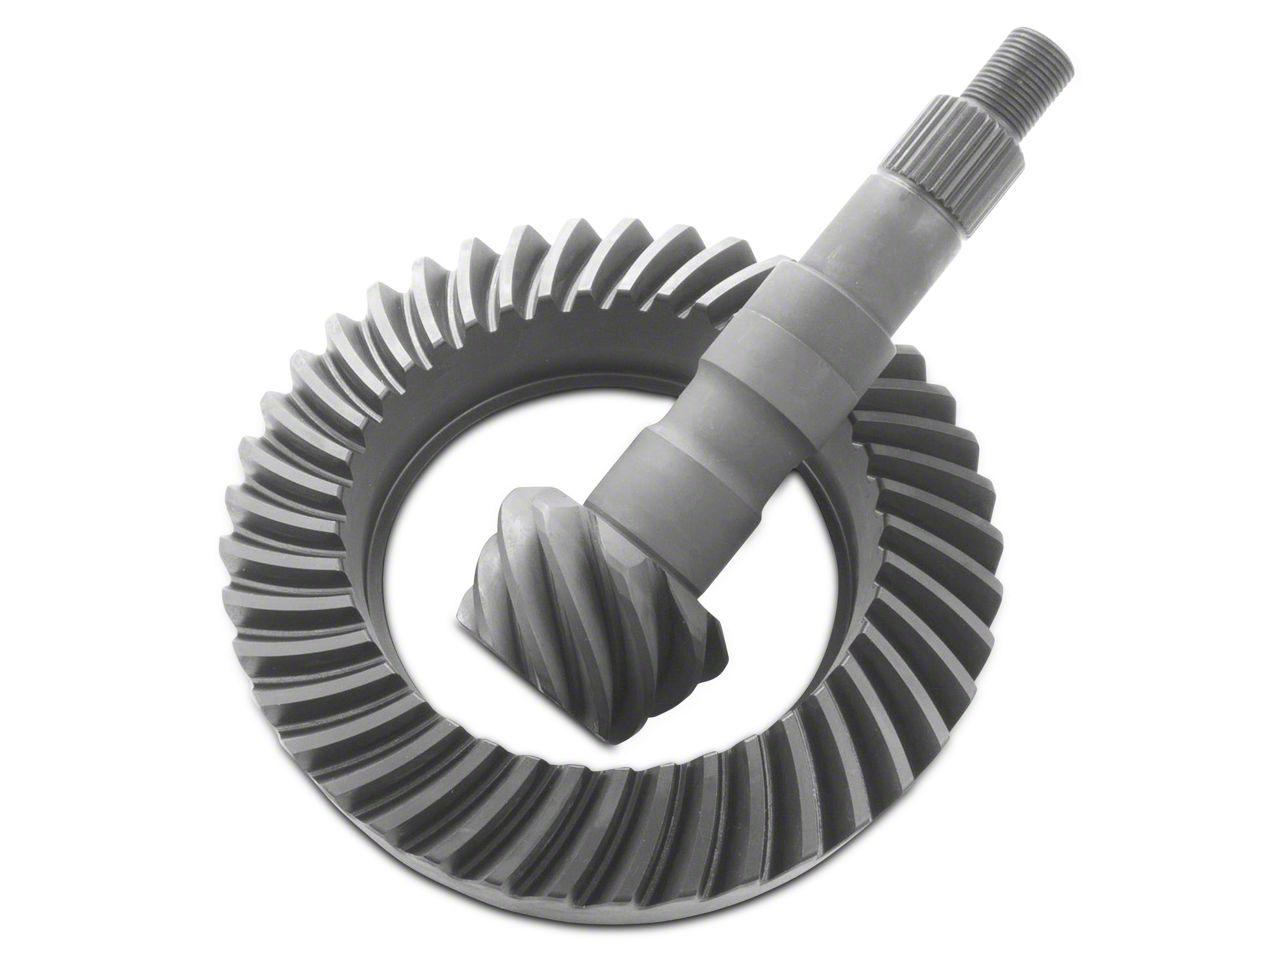 Richmond 8.5 in. & 8.6 in. Rear Ring Gear and Pinion Kit - 5.13 Gears (07-13 Sierra 1500)